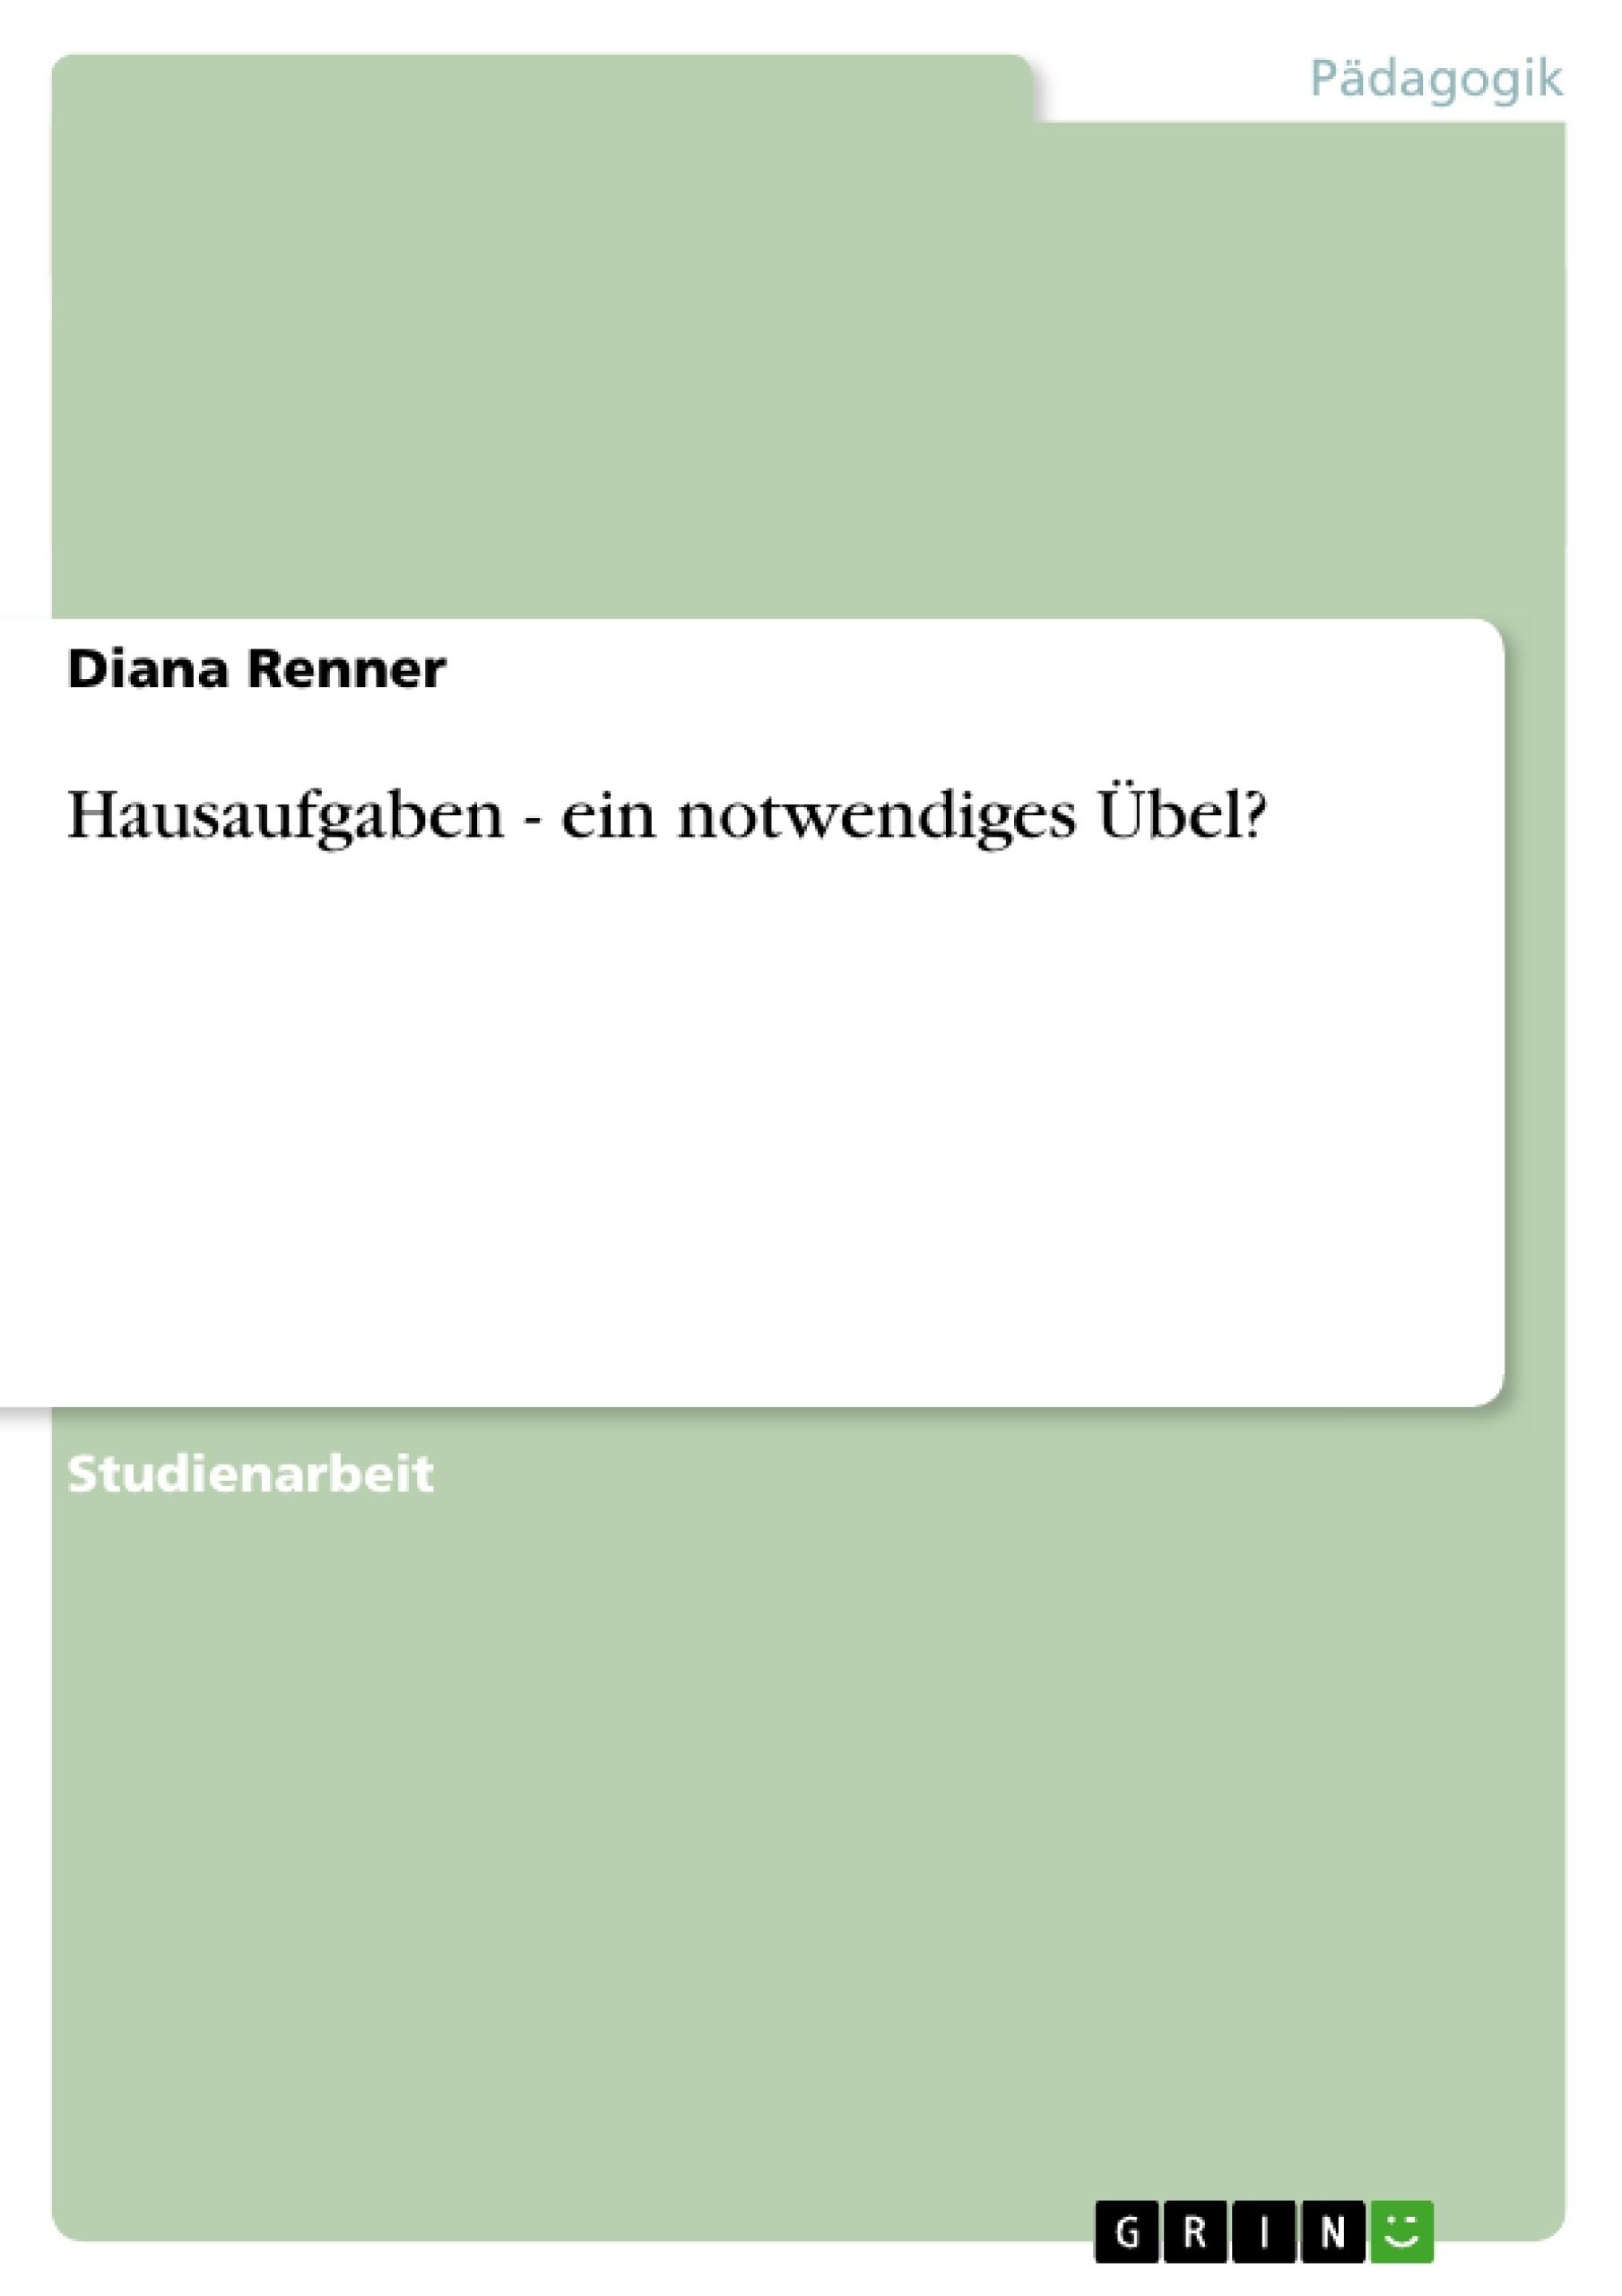 Atemberaubend Hausaufgaben Organizer Vorlage Galerie - Beispiel ...